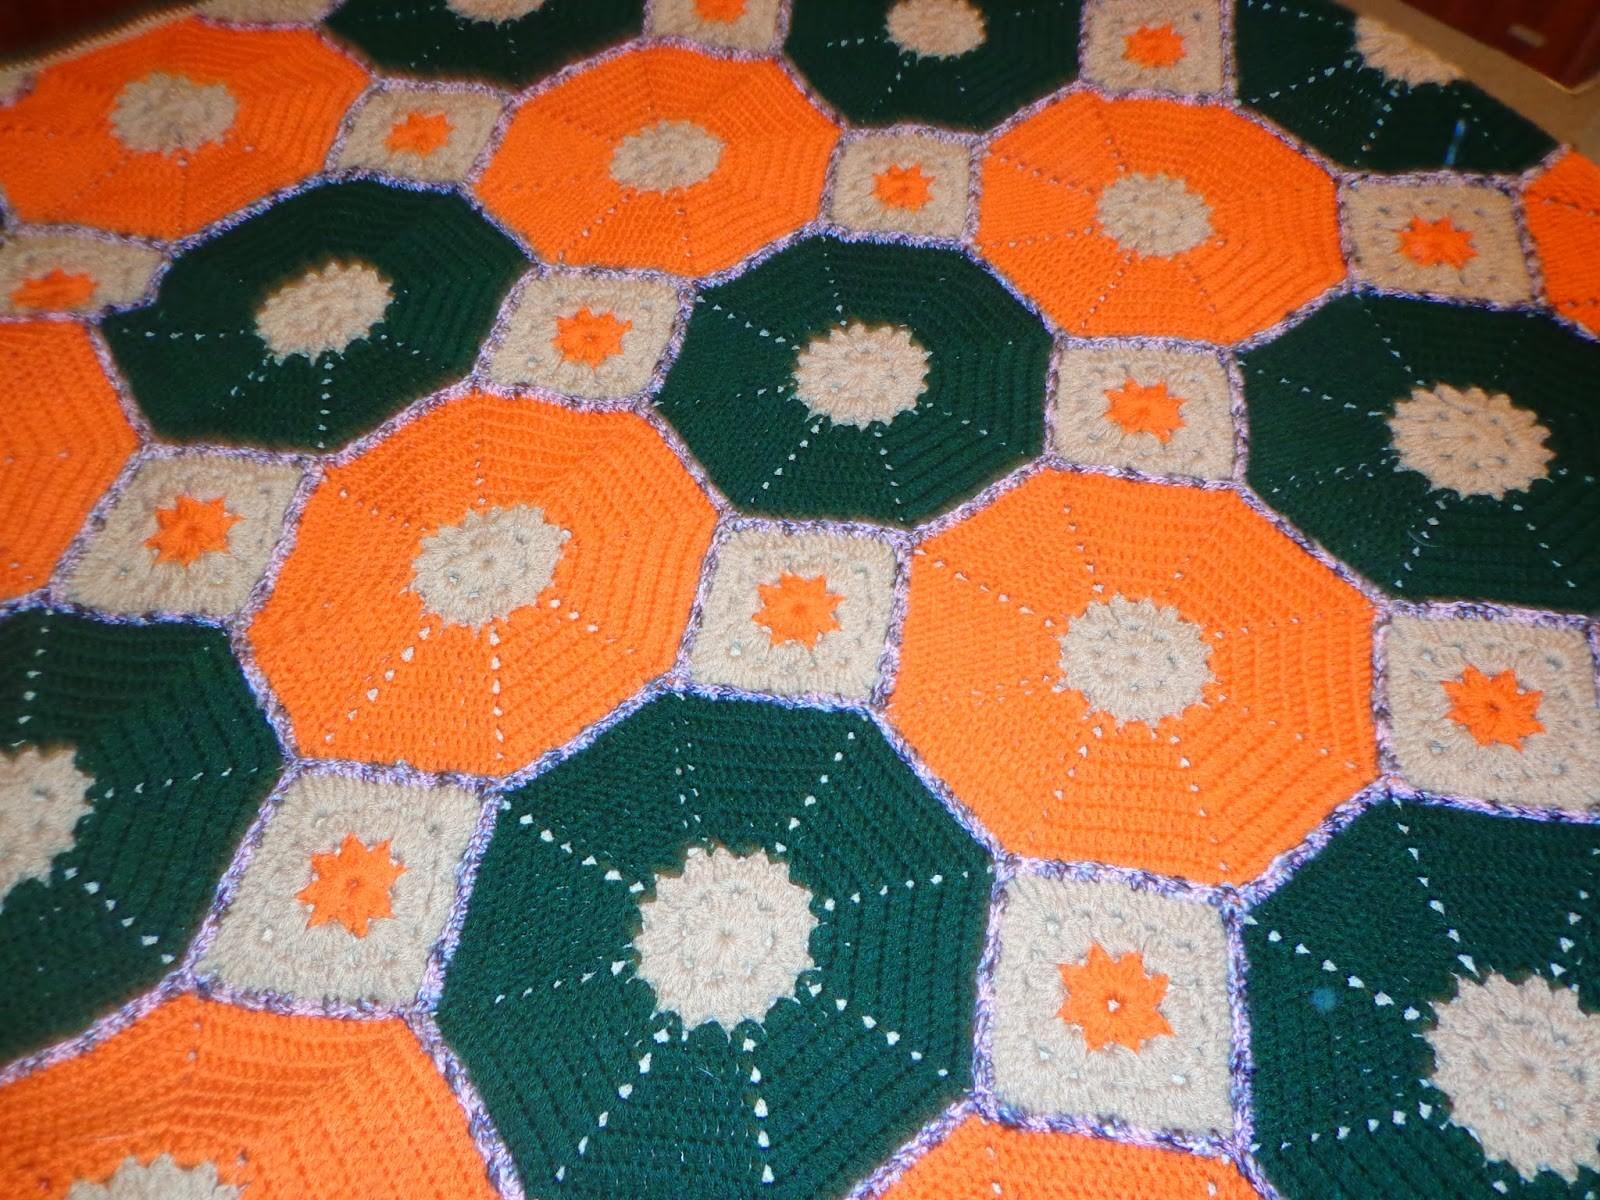 Hola a todos por acá otra vez con una nueva manta al crochet con forma hexagonal y cuadrados tejida totalmente en lana para que resulte más calentita